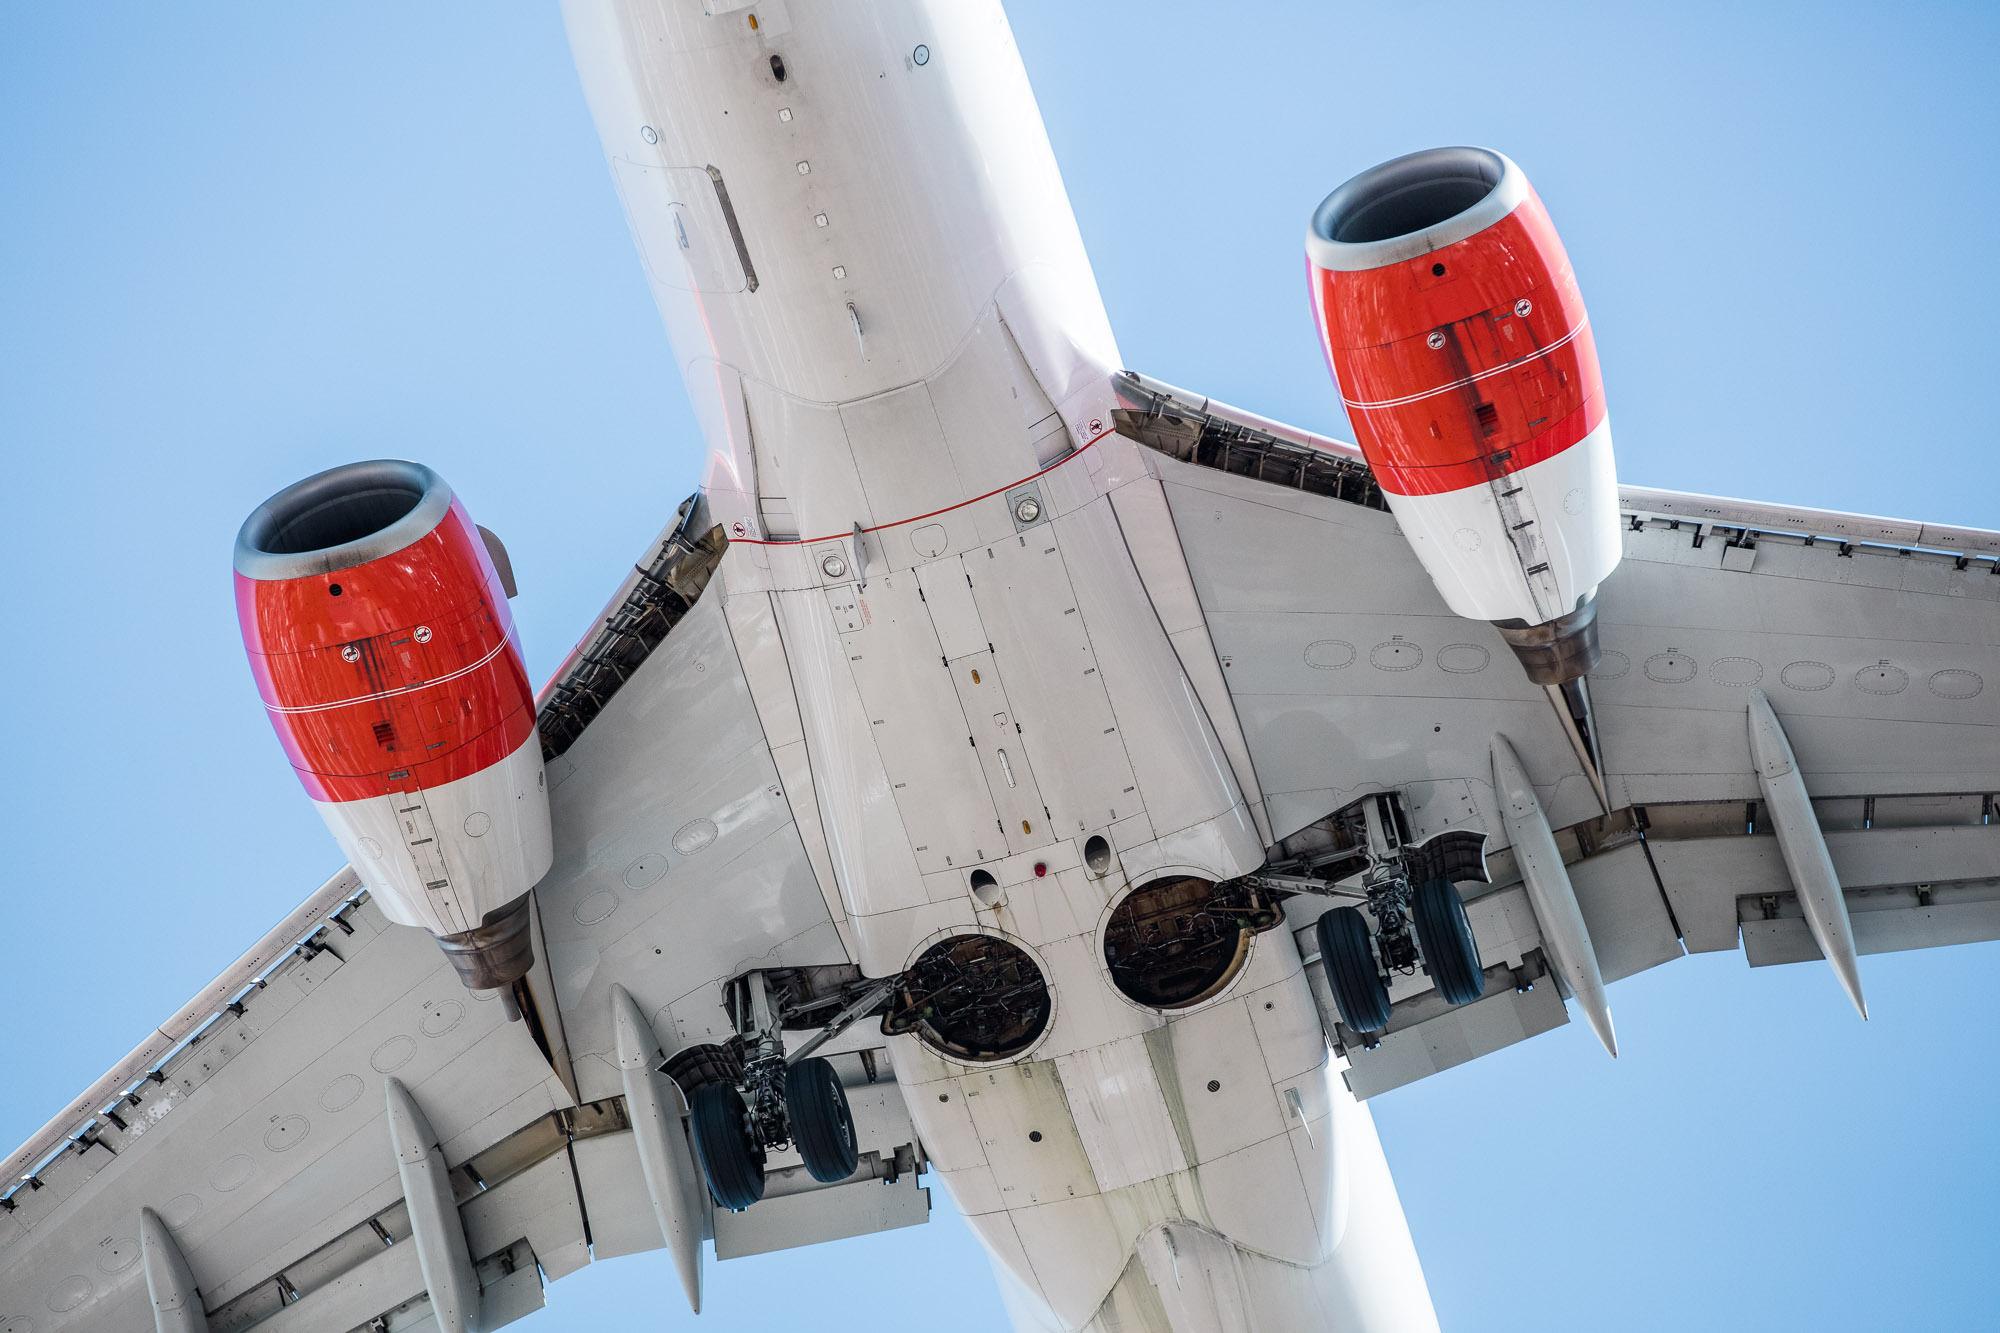 mike-kelley-final-approach-aviation-15.jpg